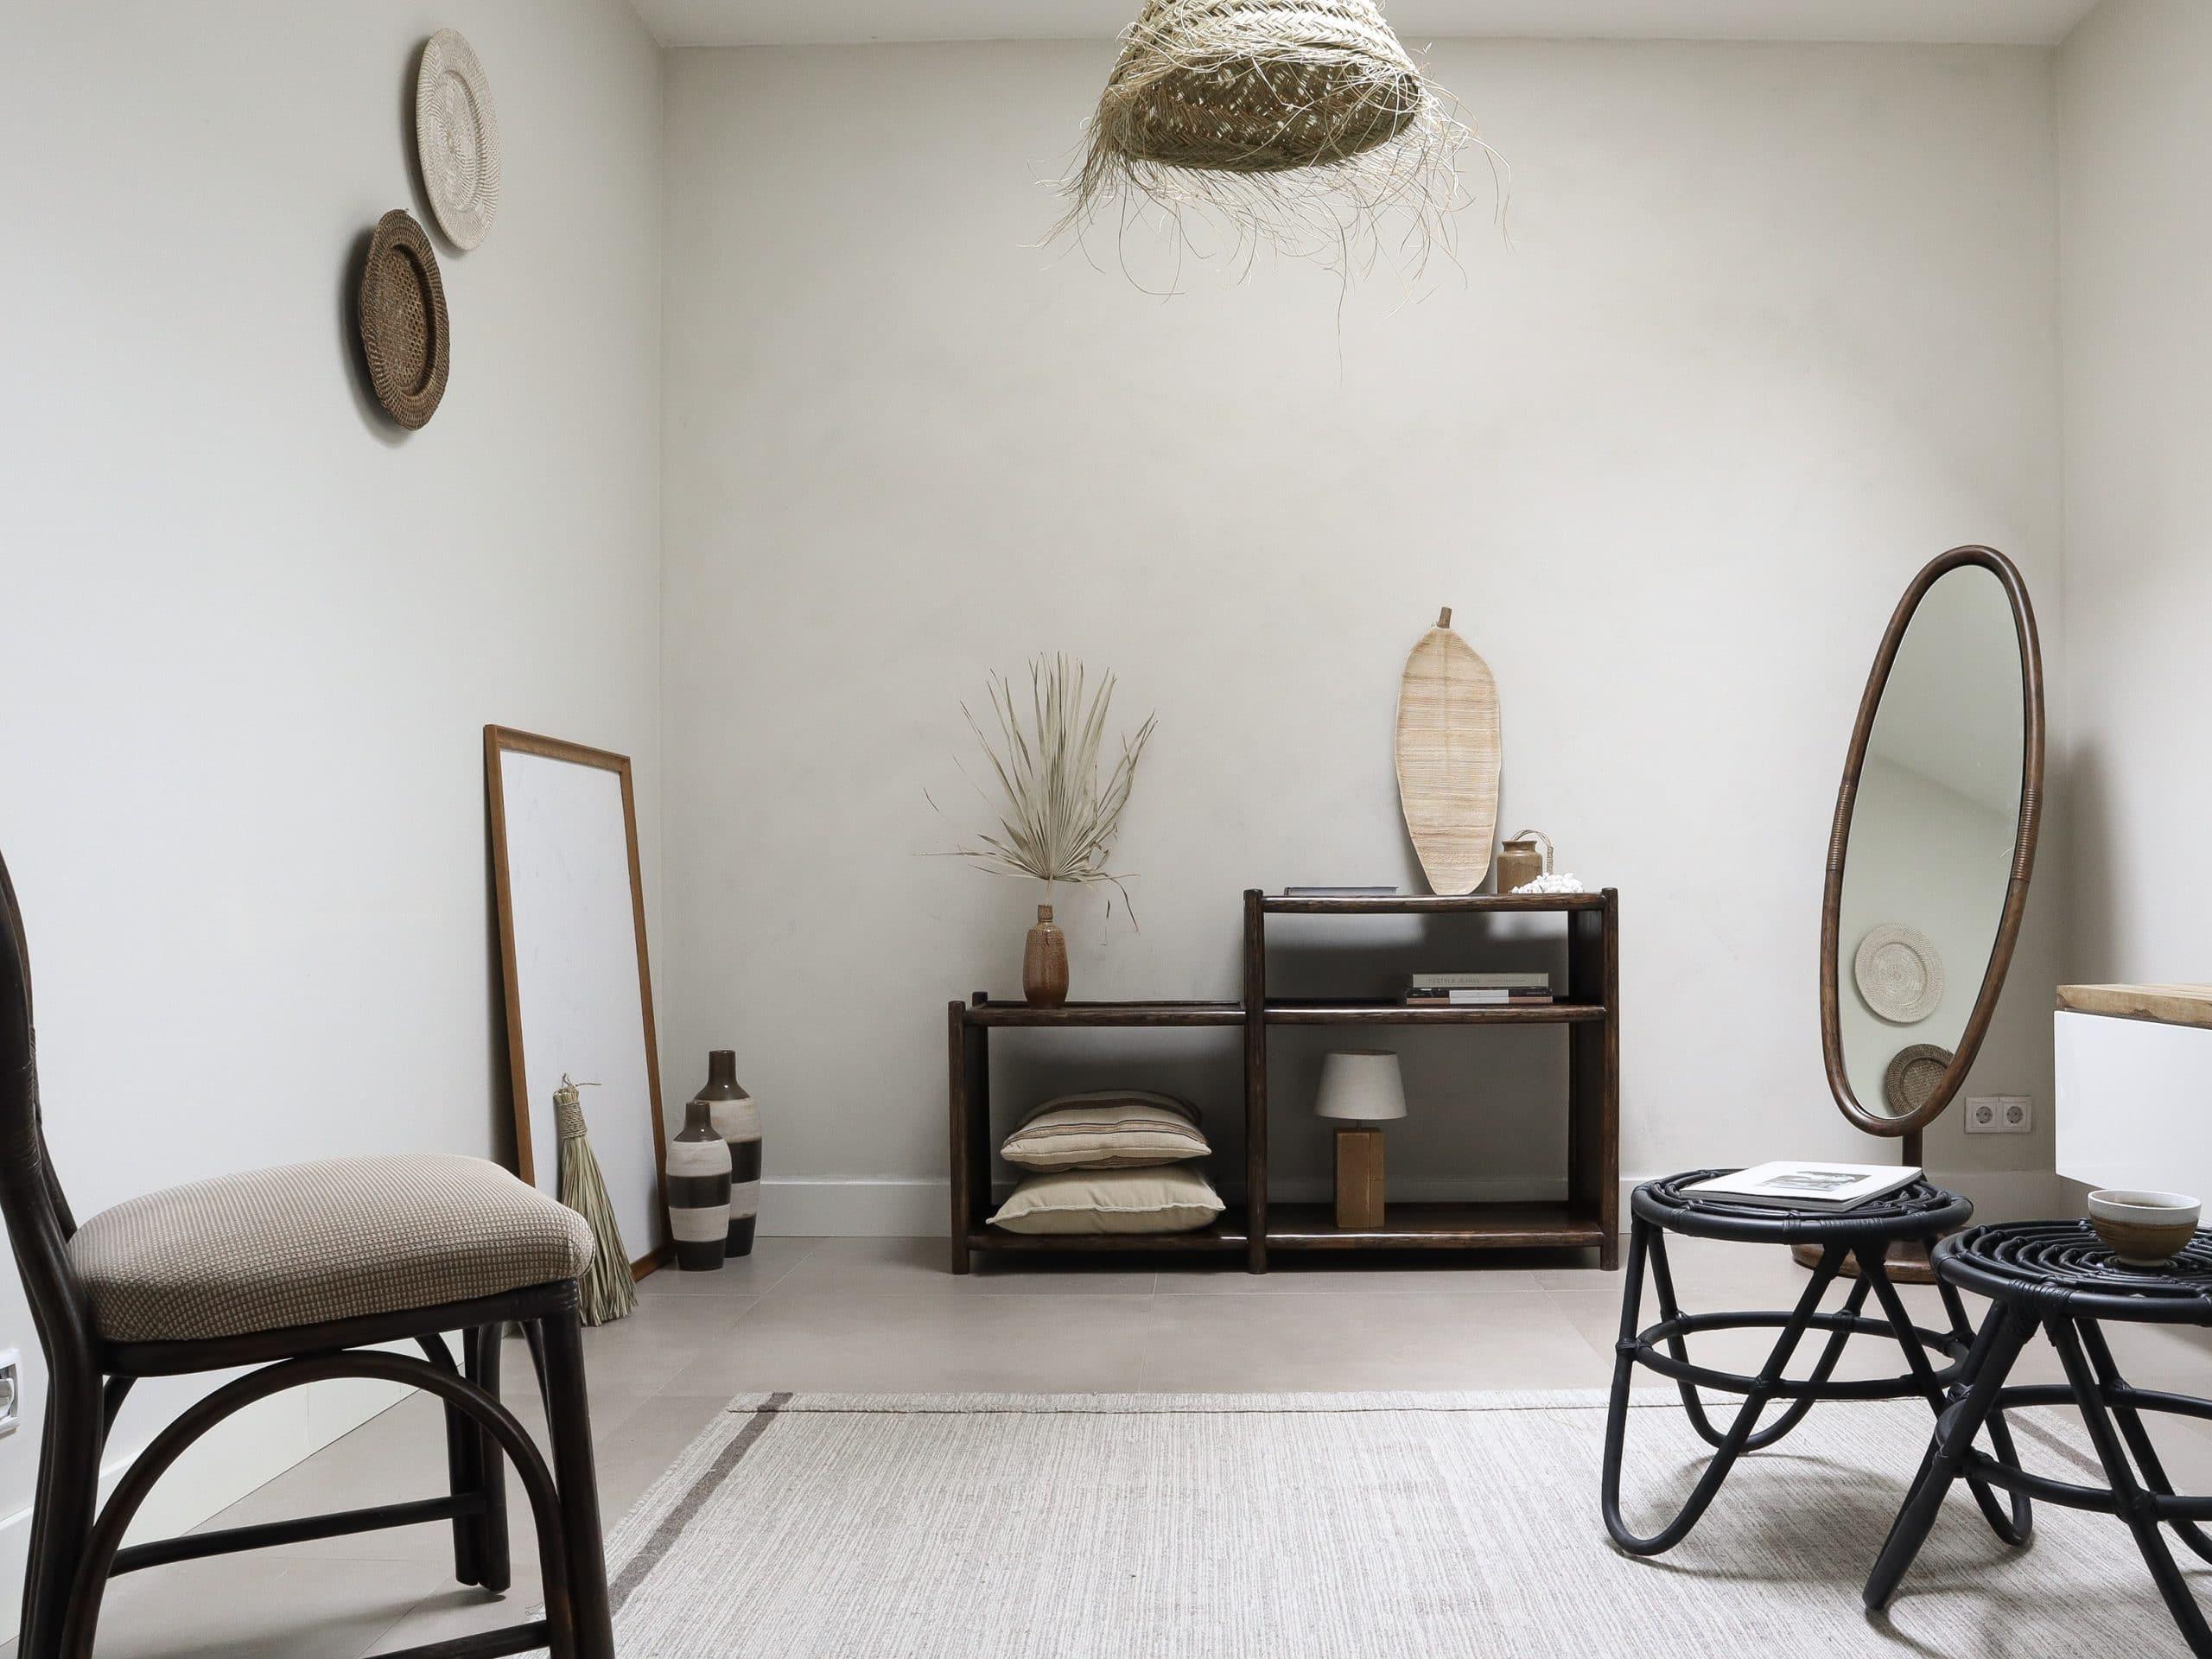 Herfstproof interieur in bruin tinten en natuurlijke materialen met Bohemian touch